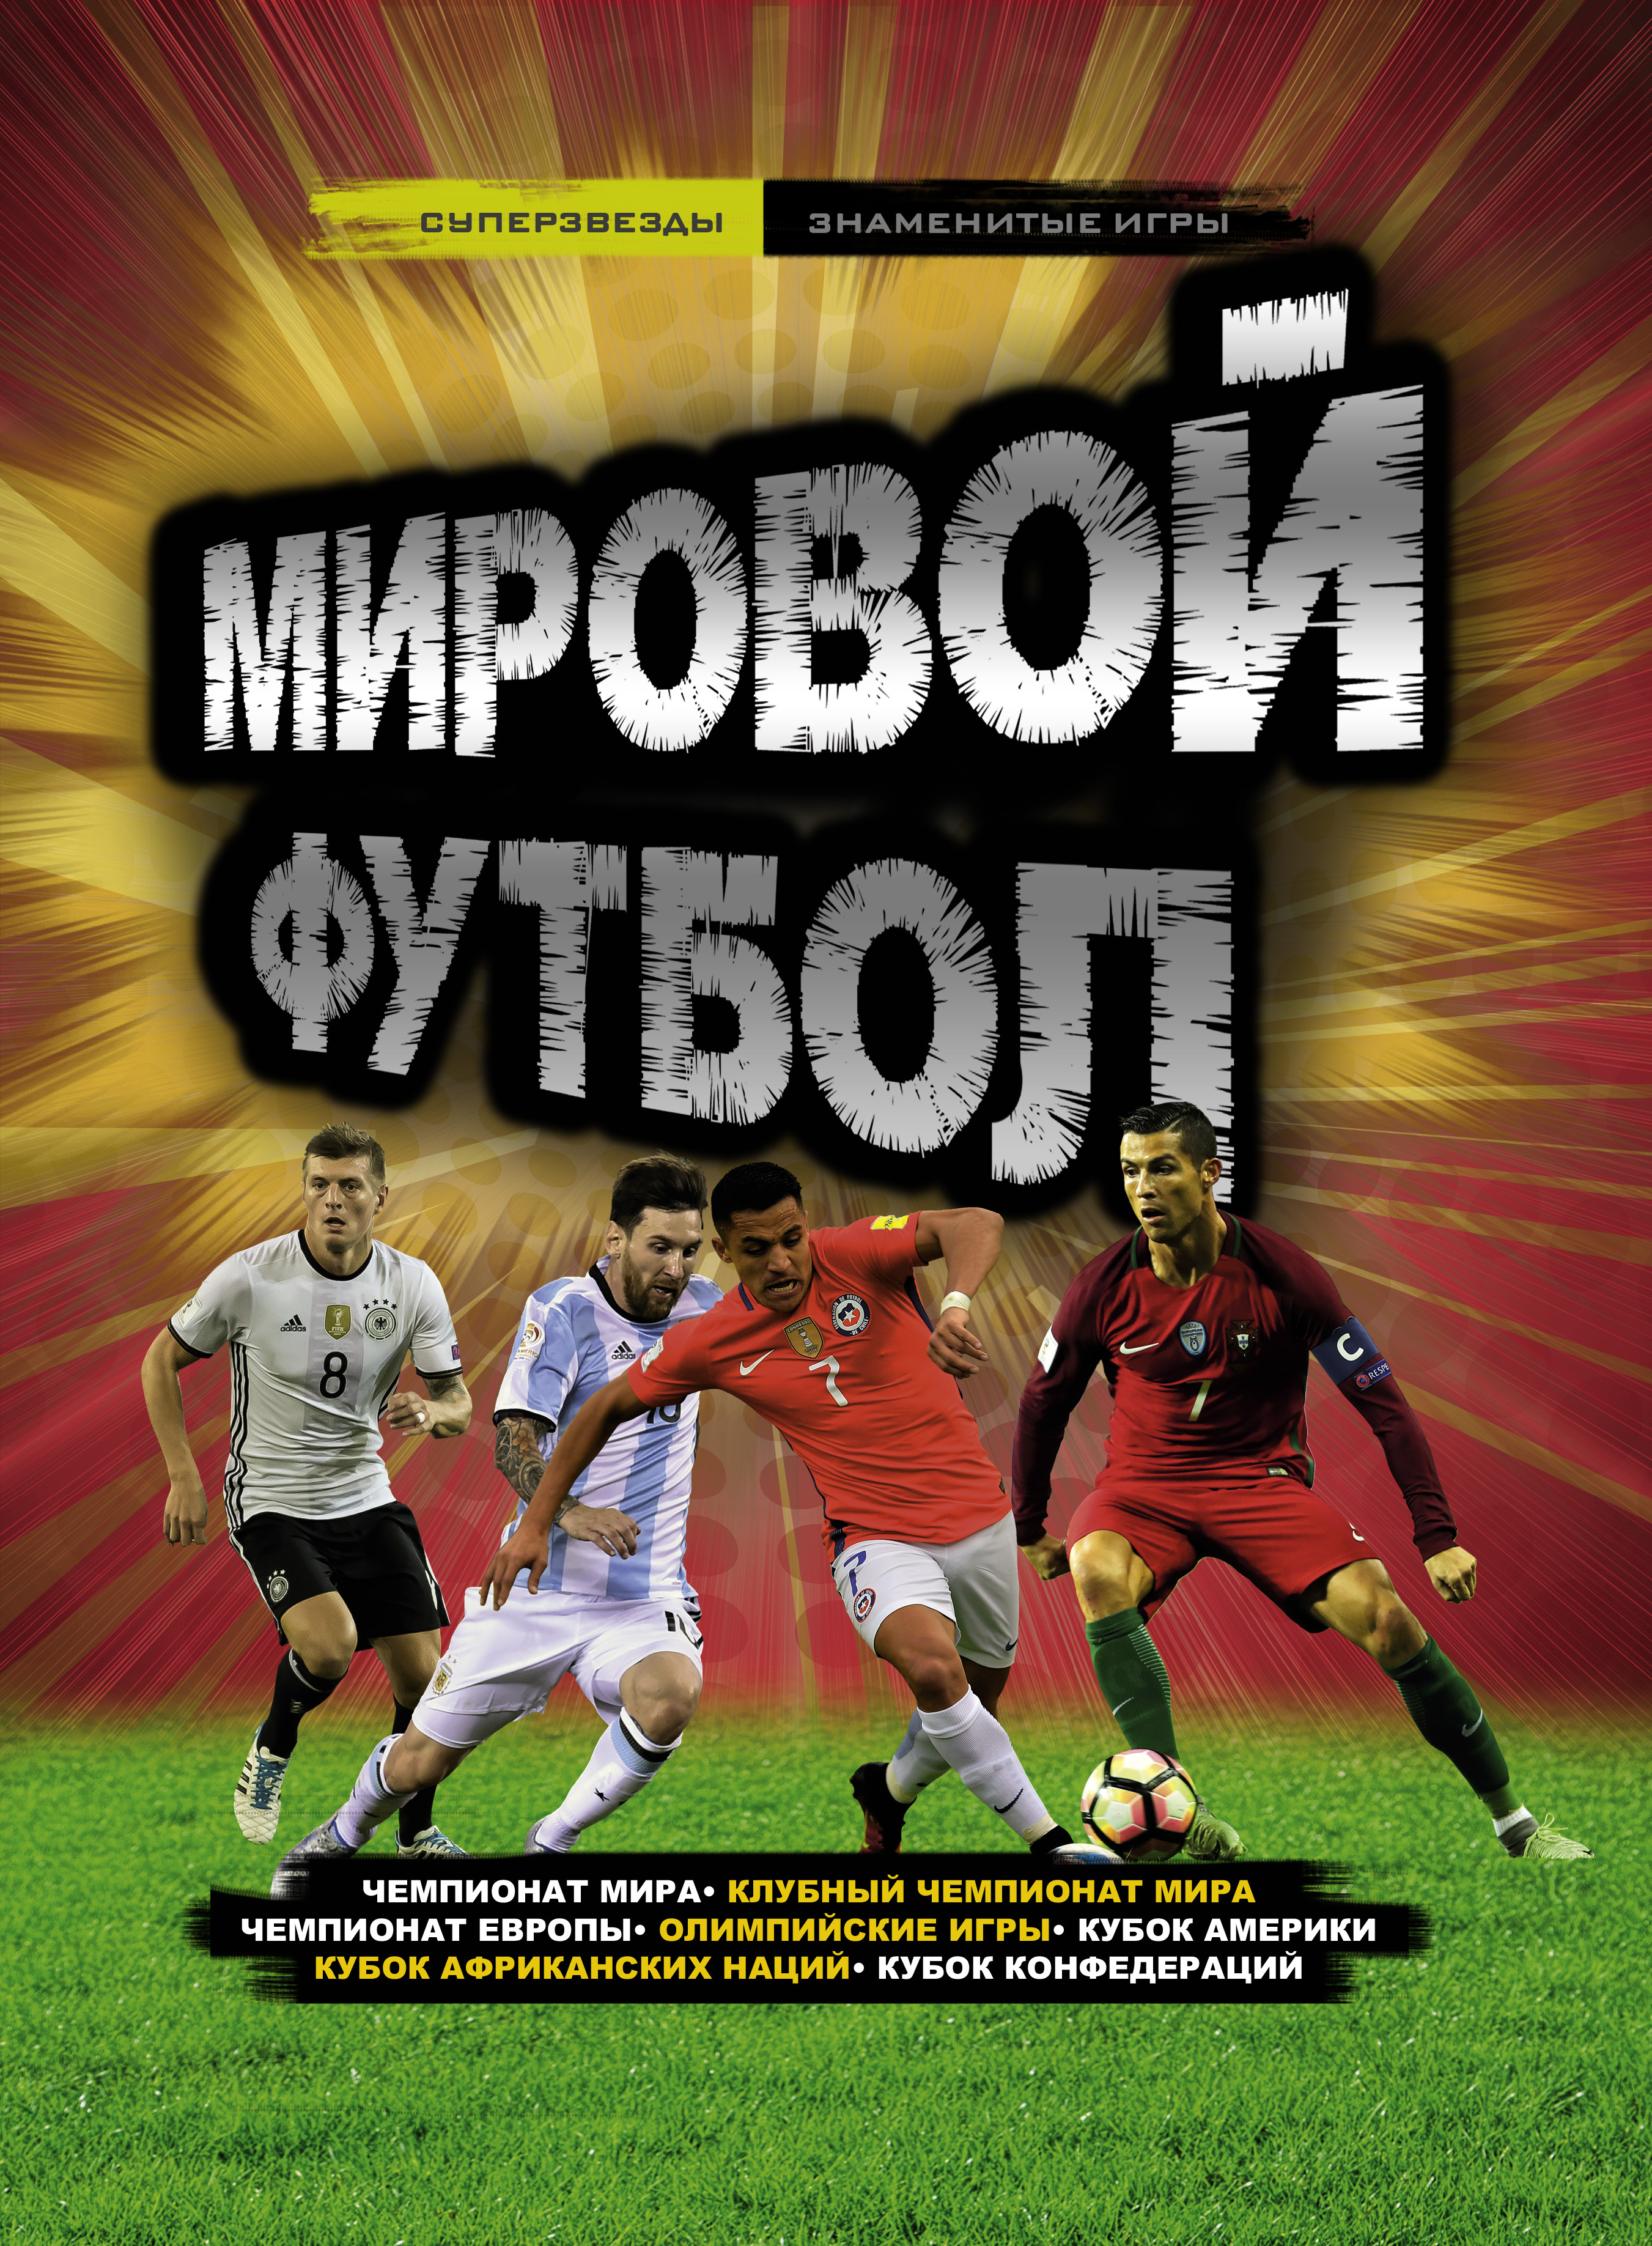 Фото #1: Мировой футбол